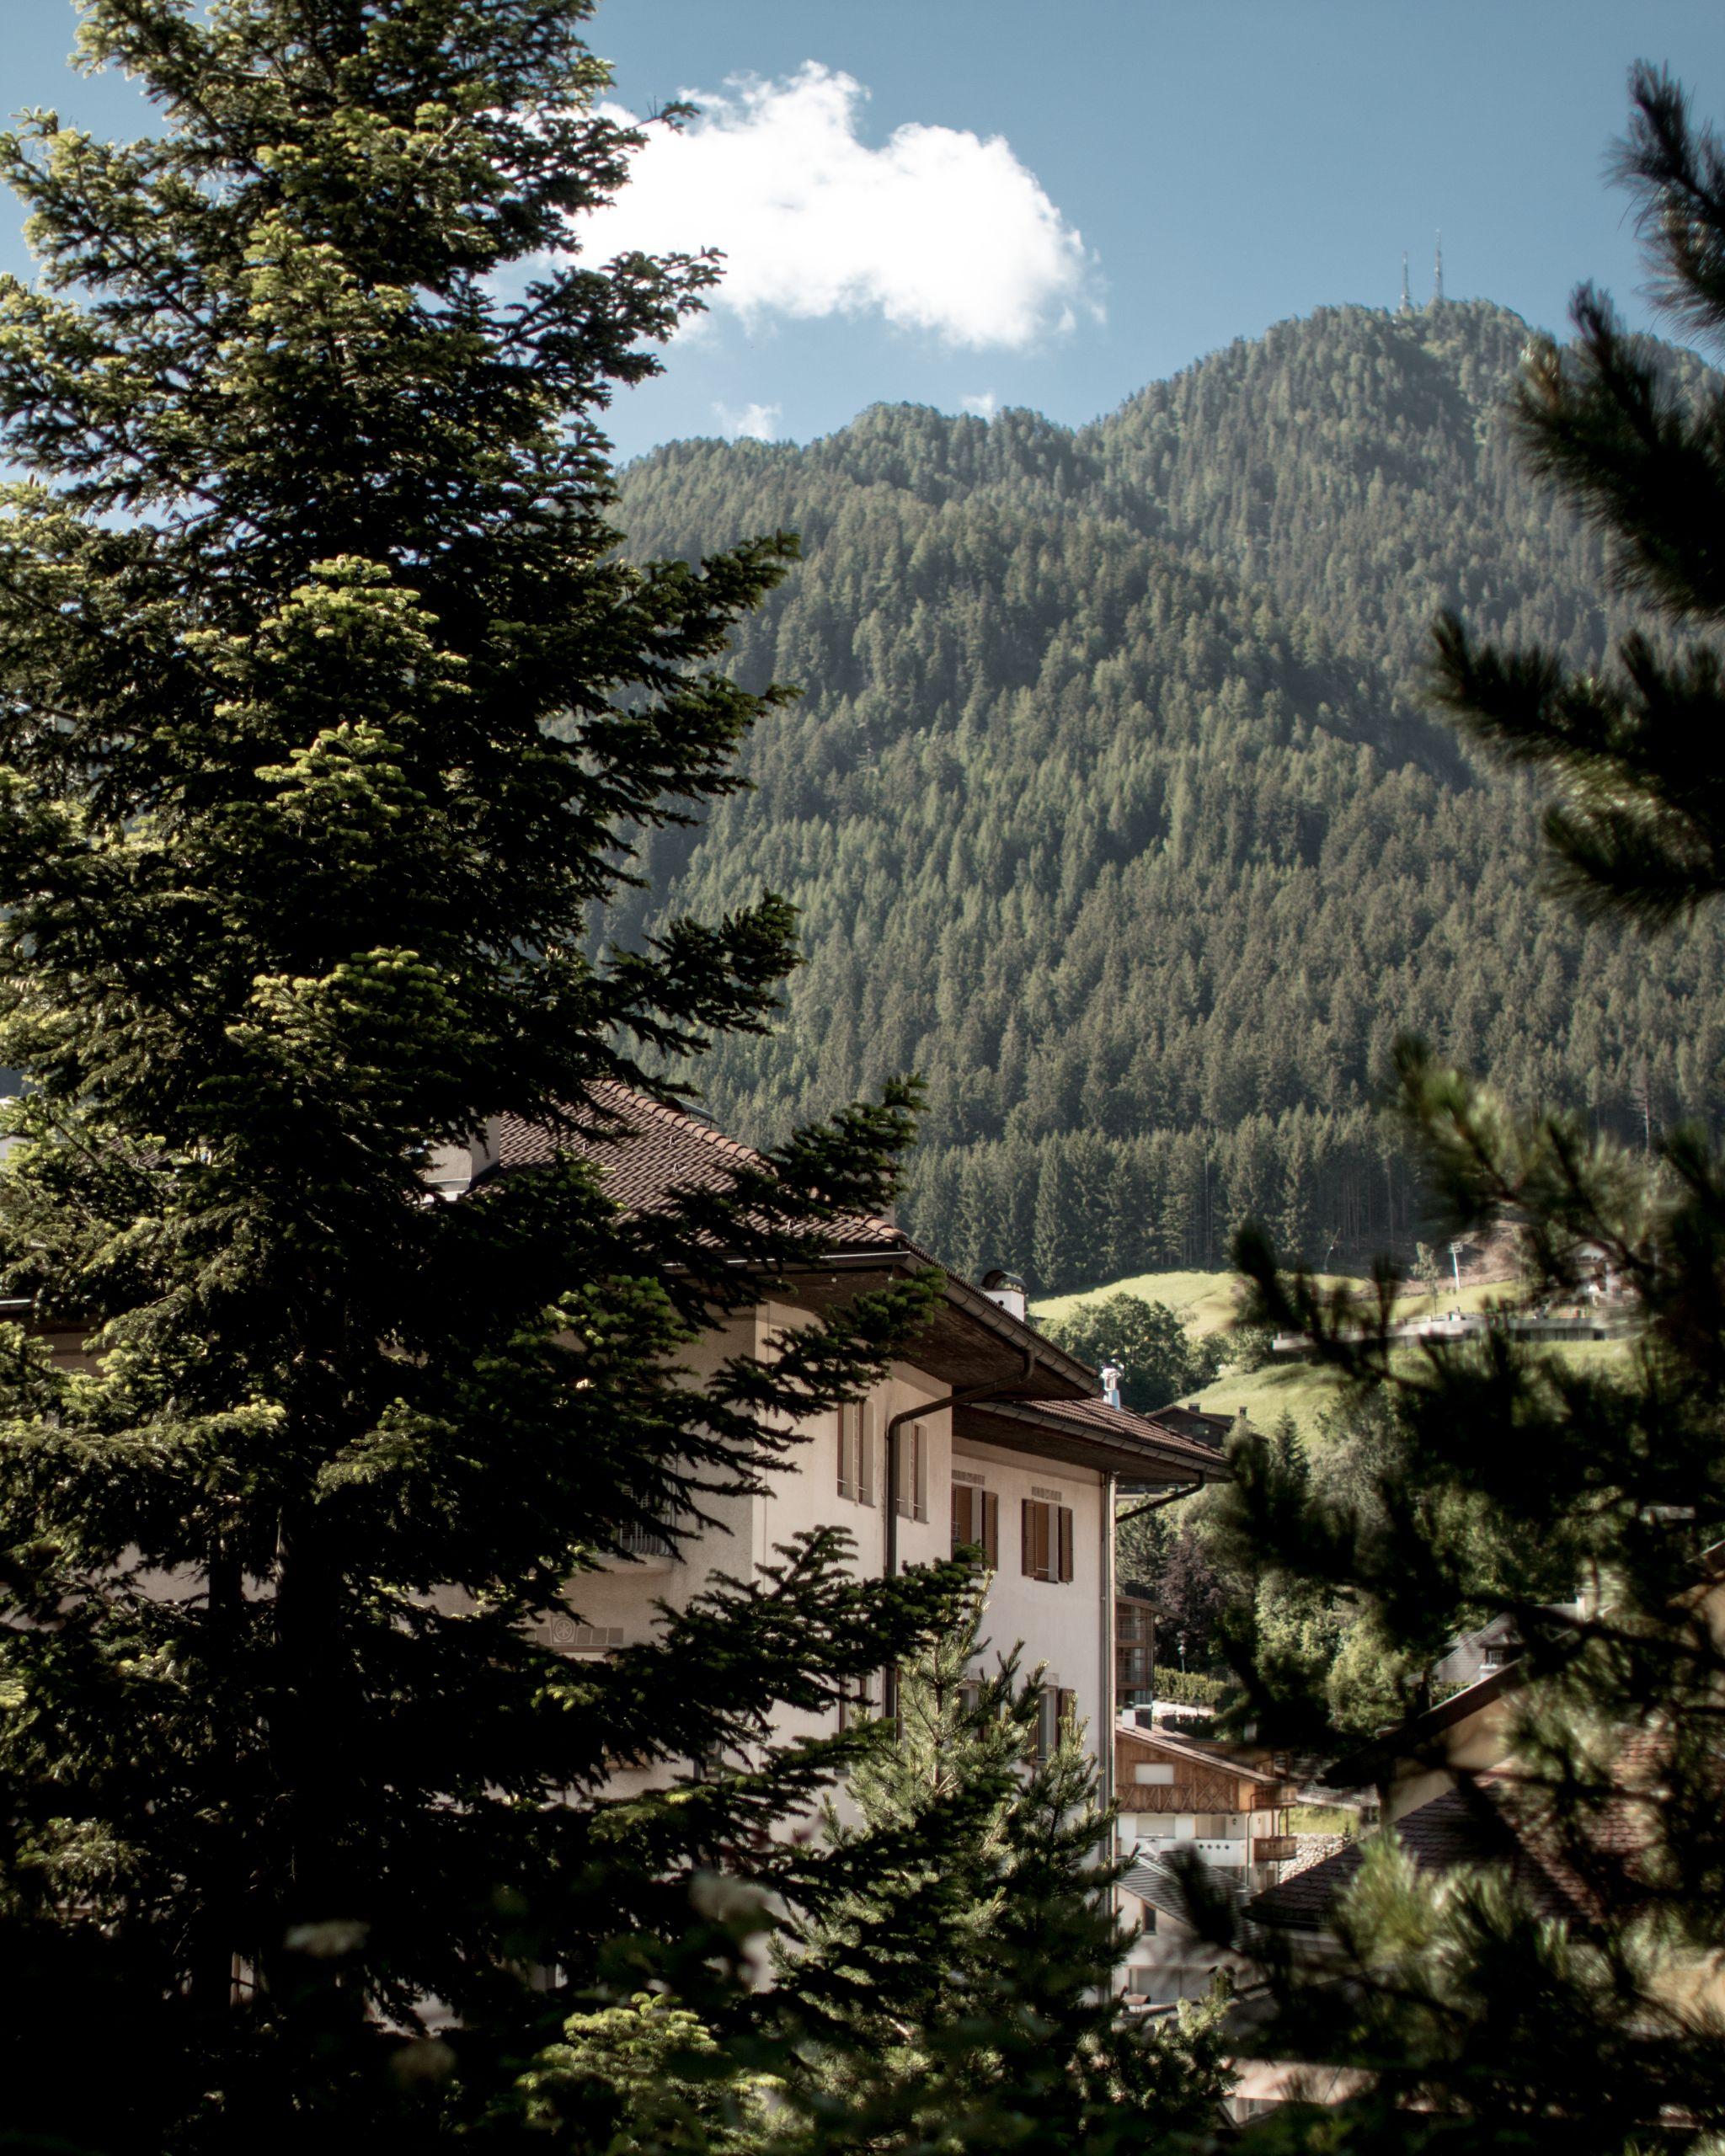 Adler Dolomites Ortisei Italy Hotel Review_